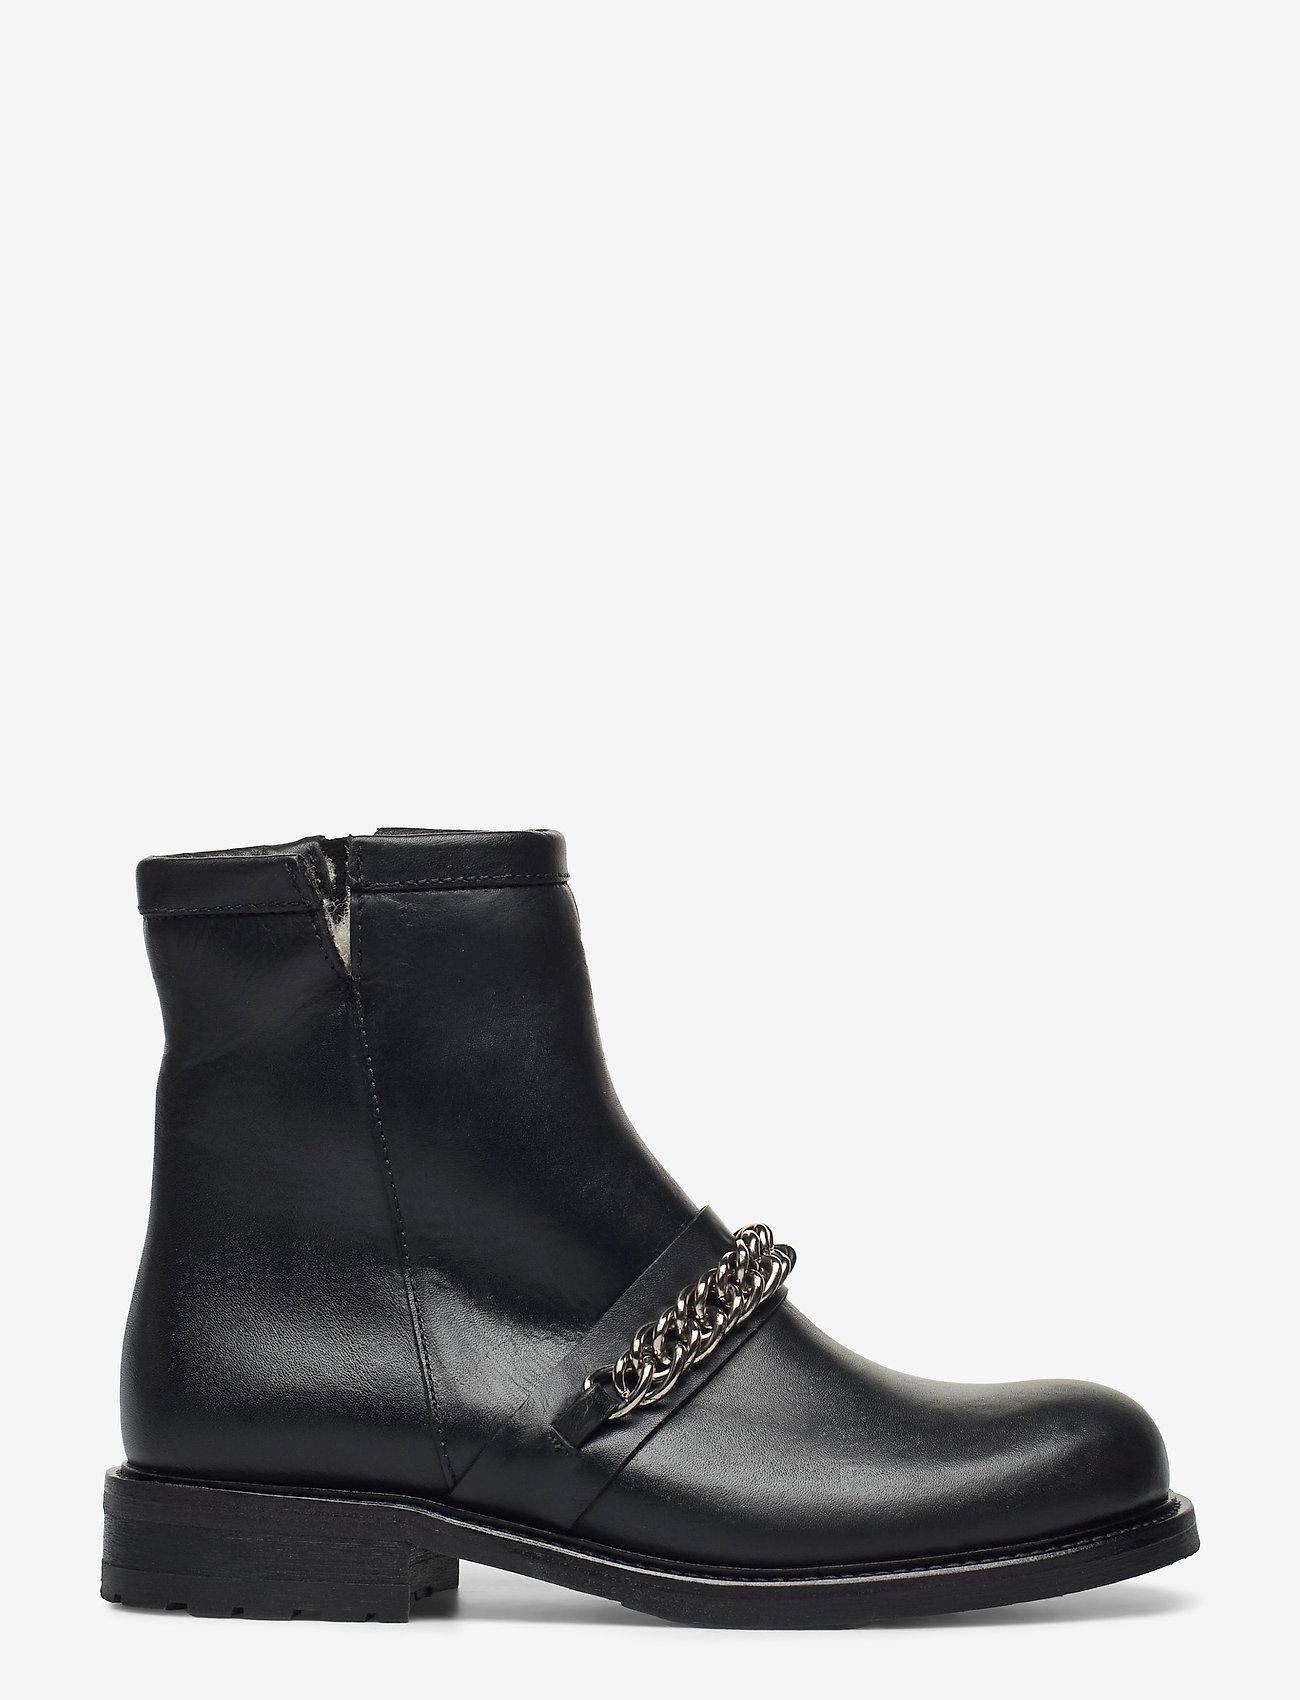 Billi Bi - Boots 4799 - flat ankle boots - black tomcat/silver 803 - 1